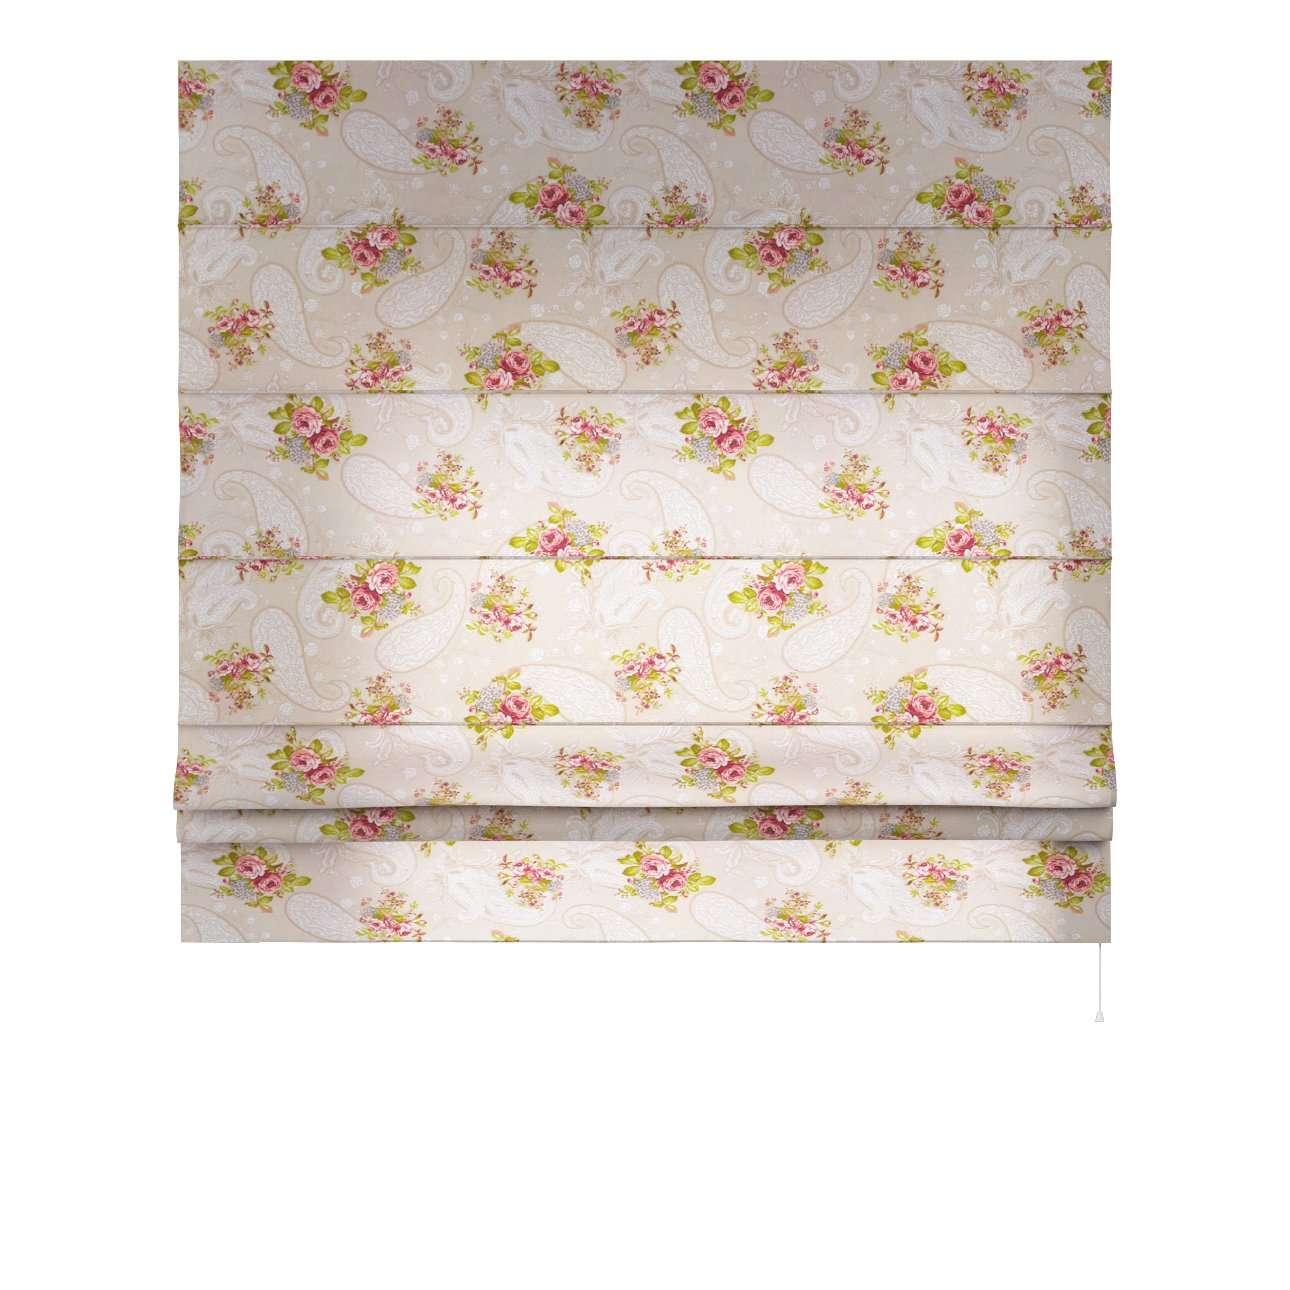 Rímska roleta Padva 80 × 170 cm V kolekcii Flowers, tkanina: 311-15